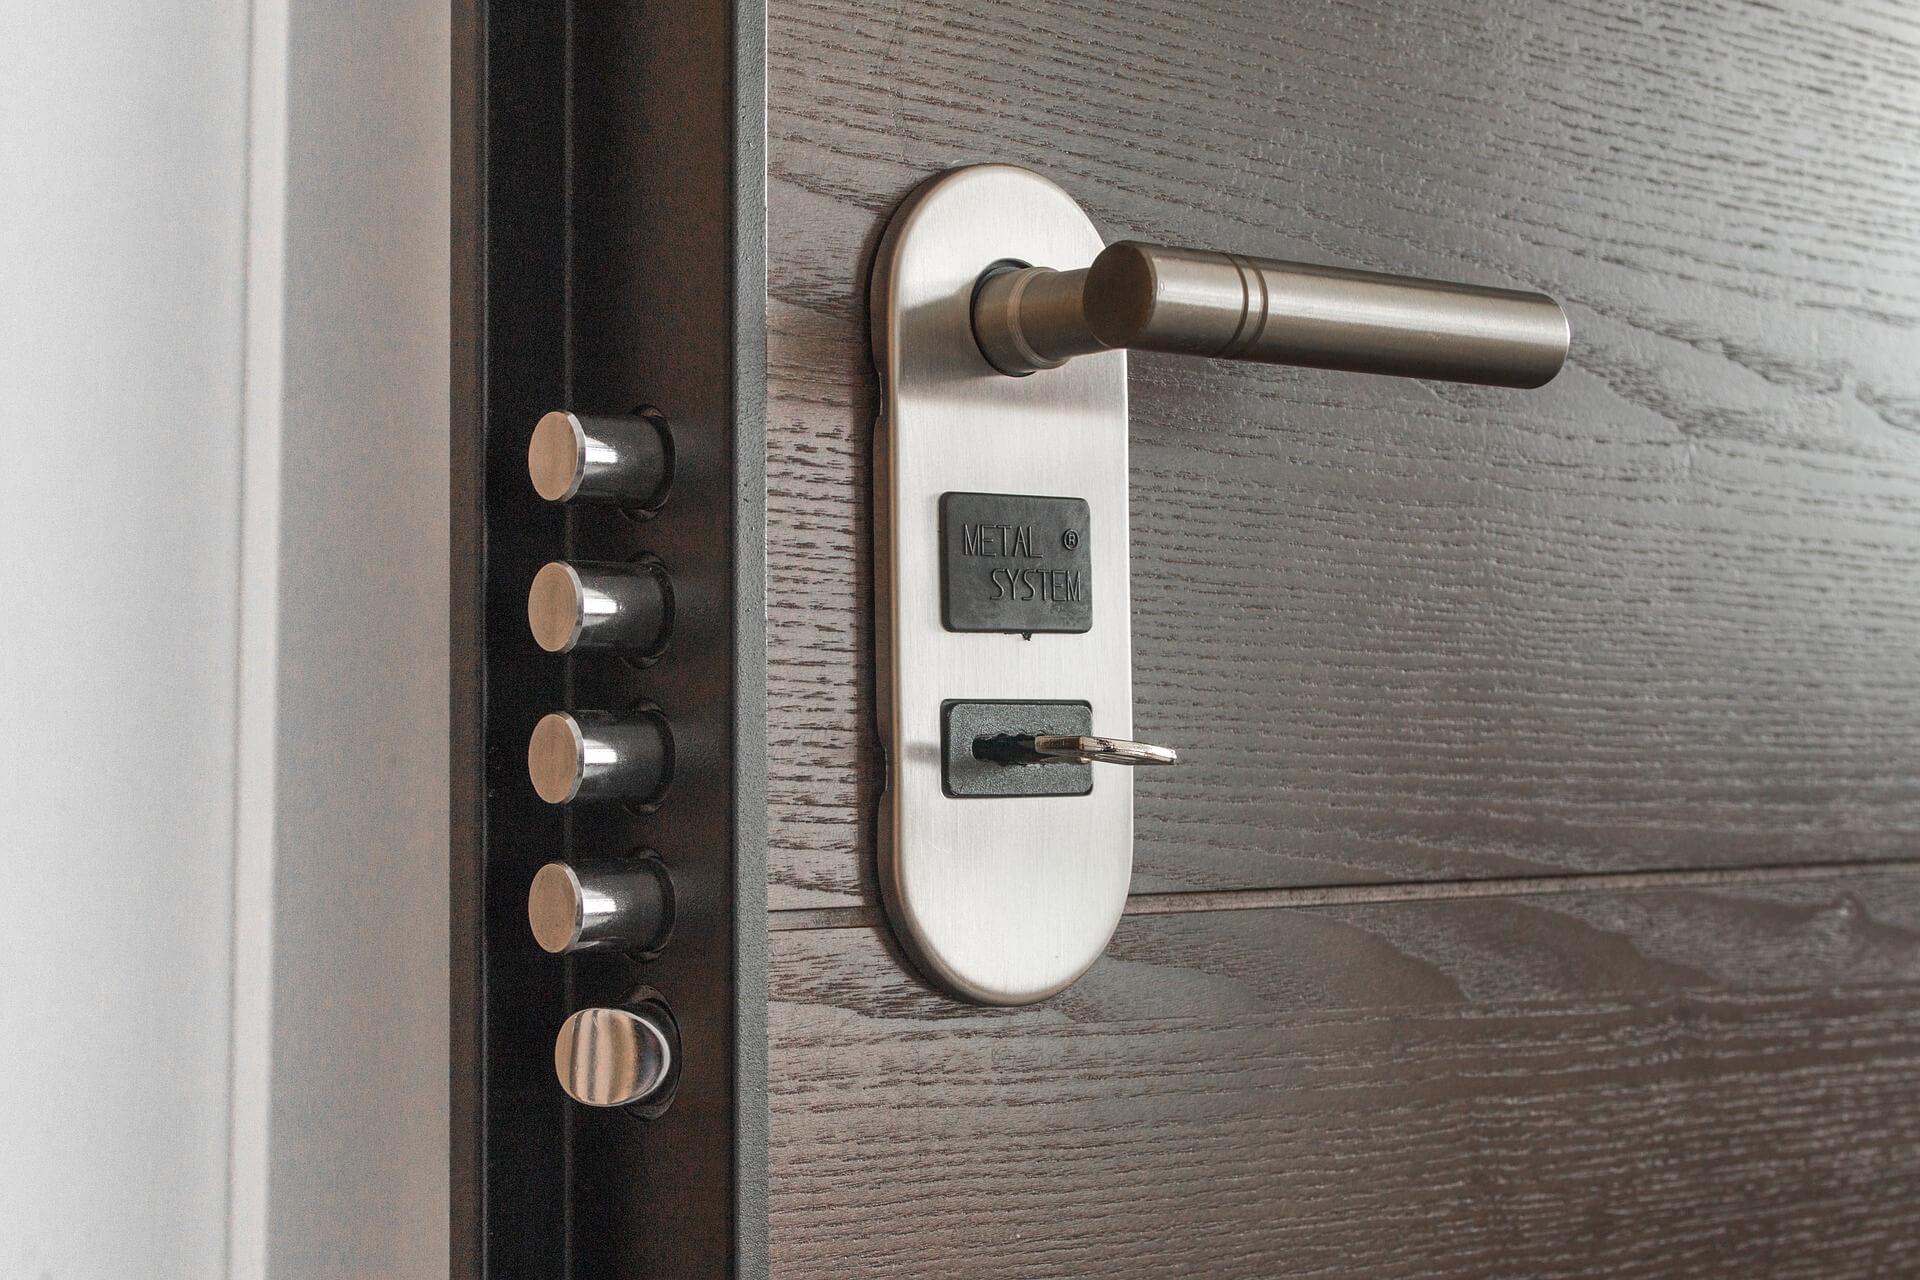 Hoe zorg je voor een goede beveiliging van je huis?